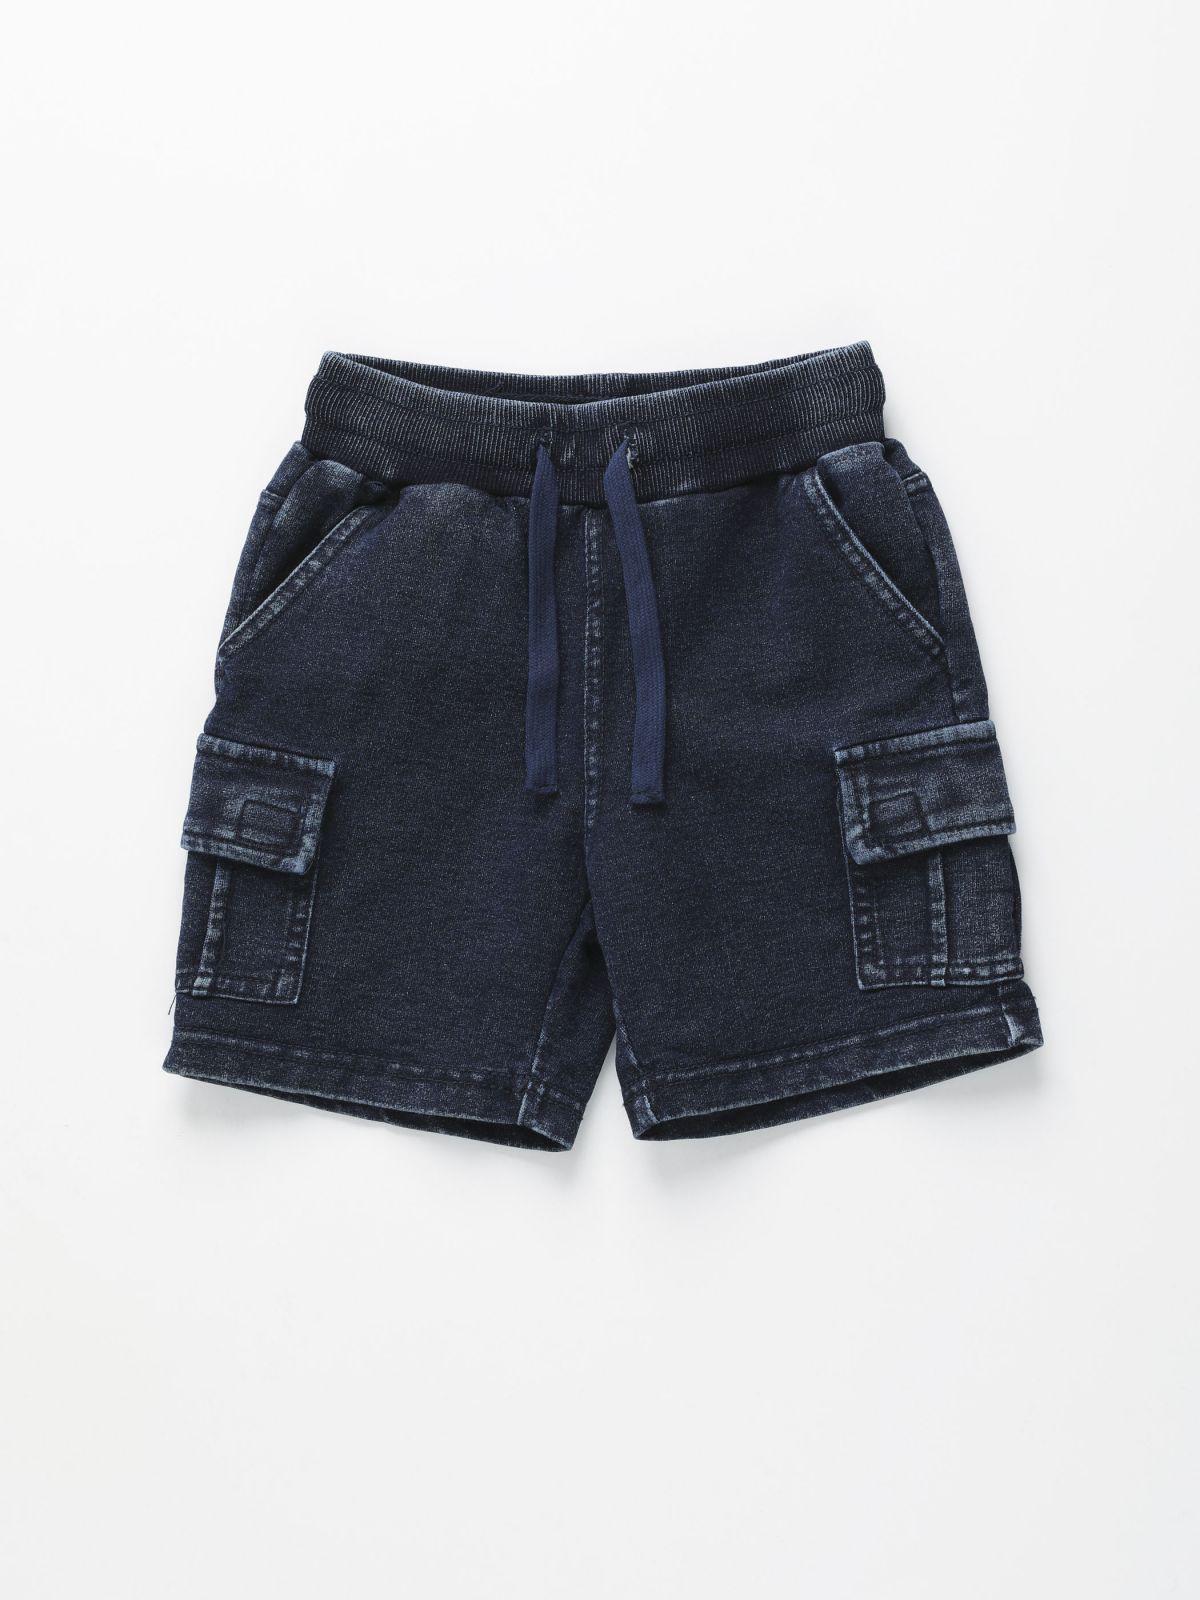 מכנסי ברמודה קצרים עם כיסים / בניםמכנסי ברמודה קצרים עם כיסים / בנים של FOX